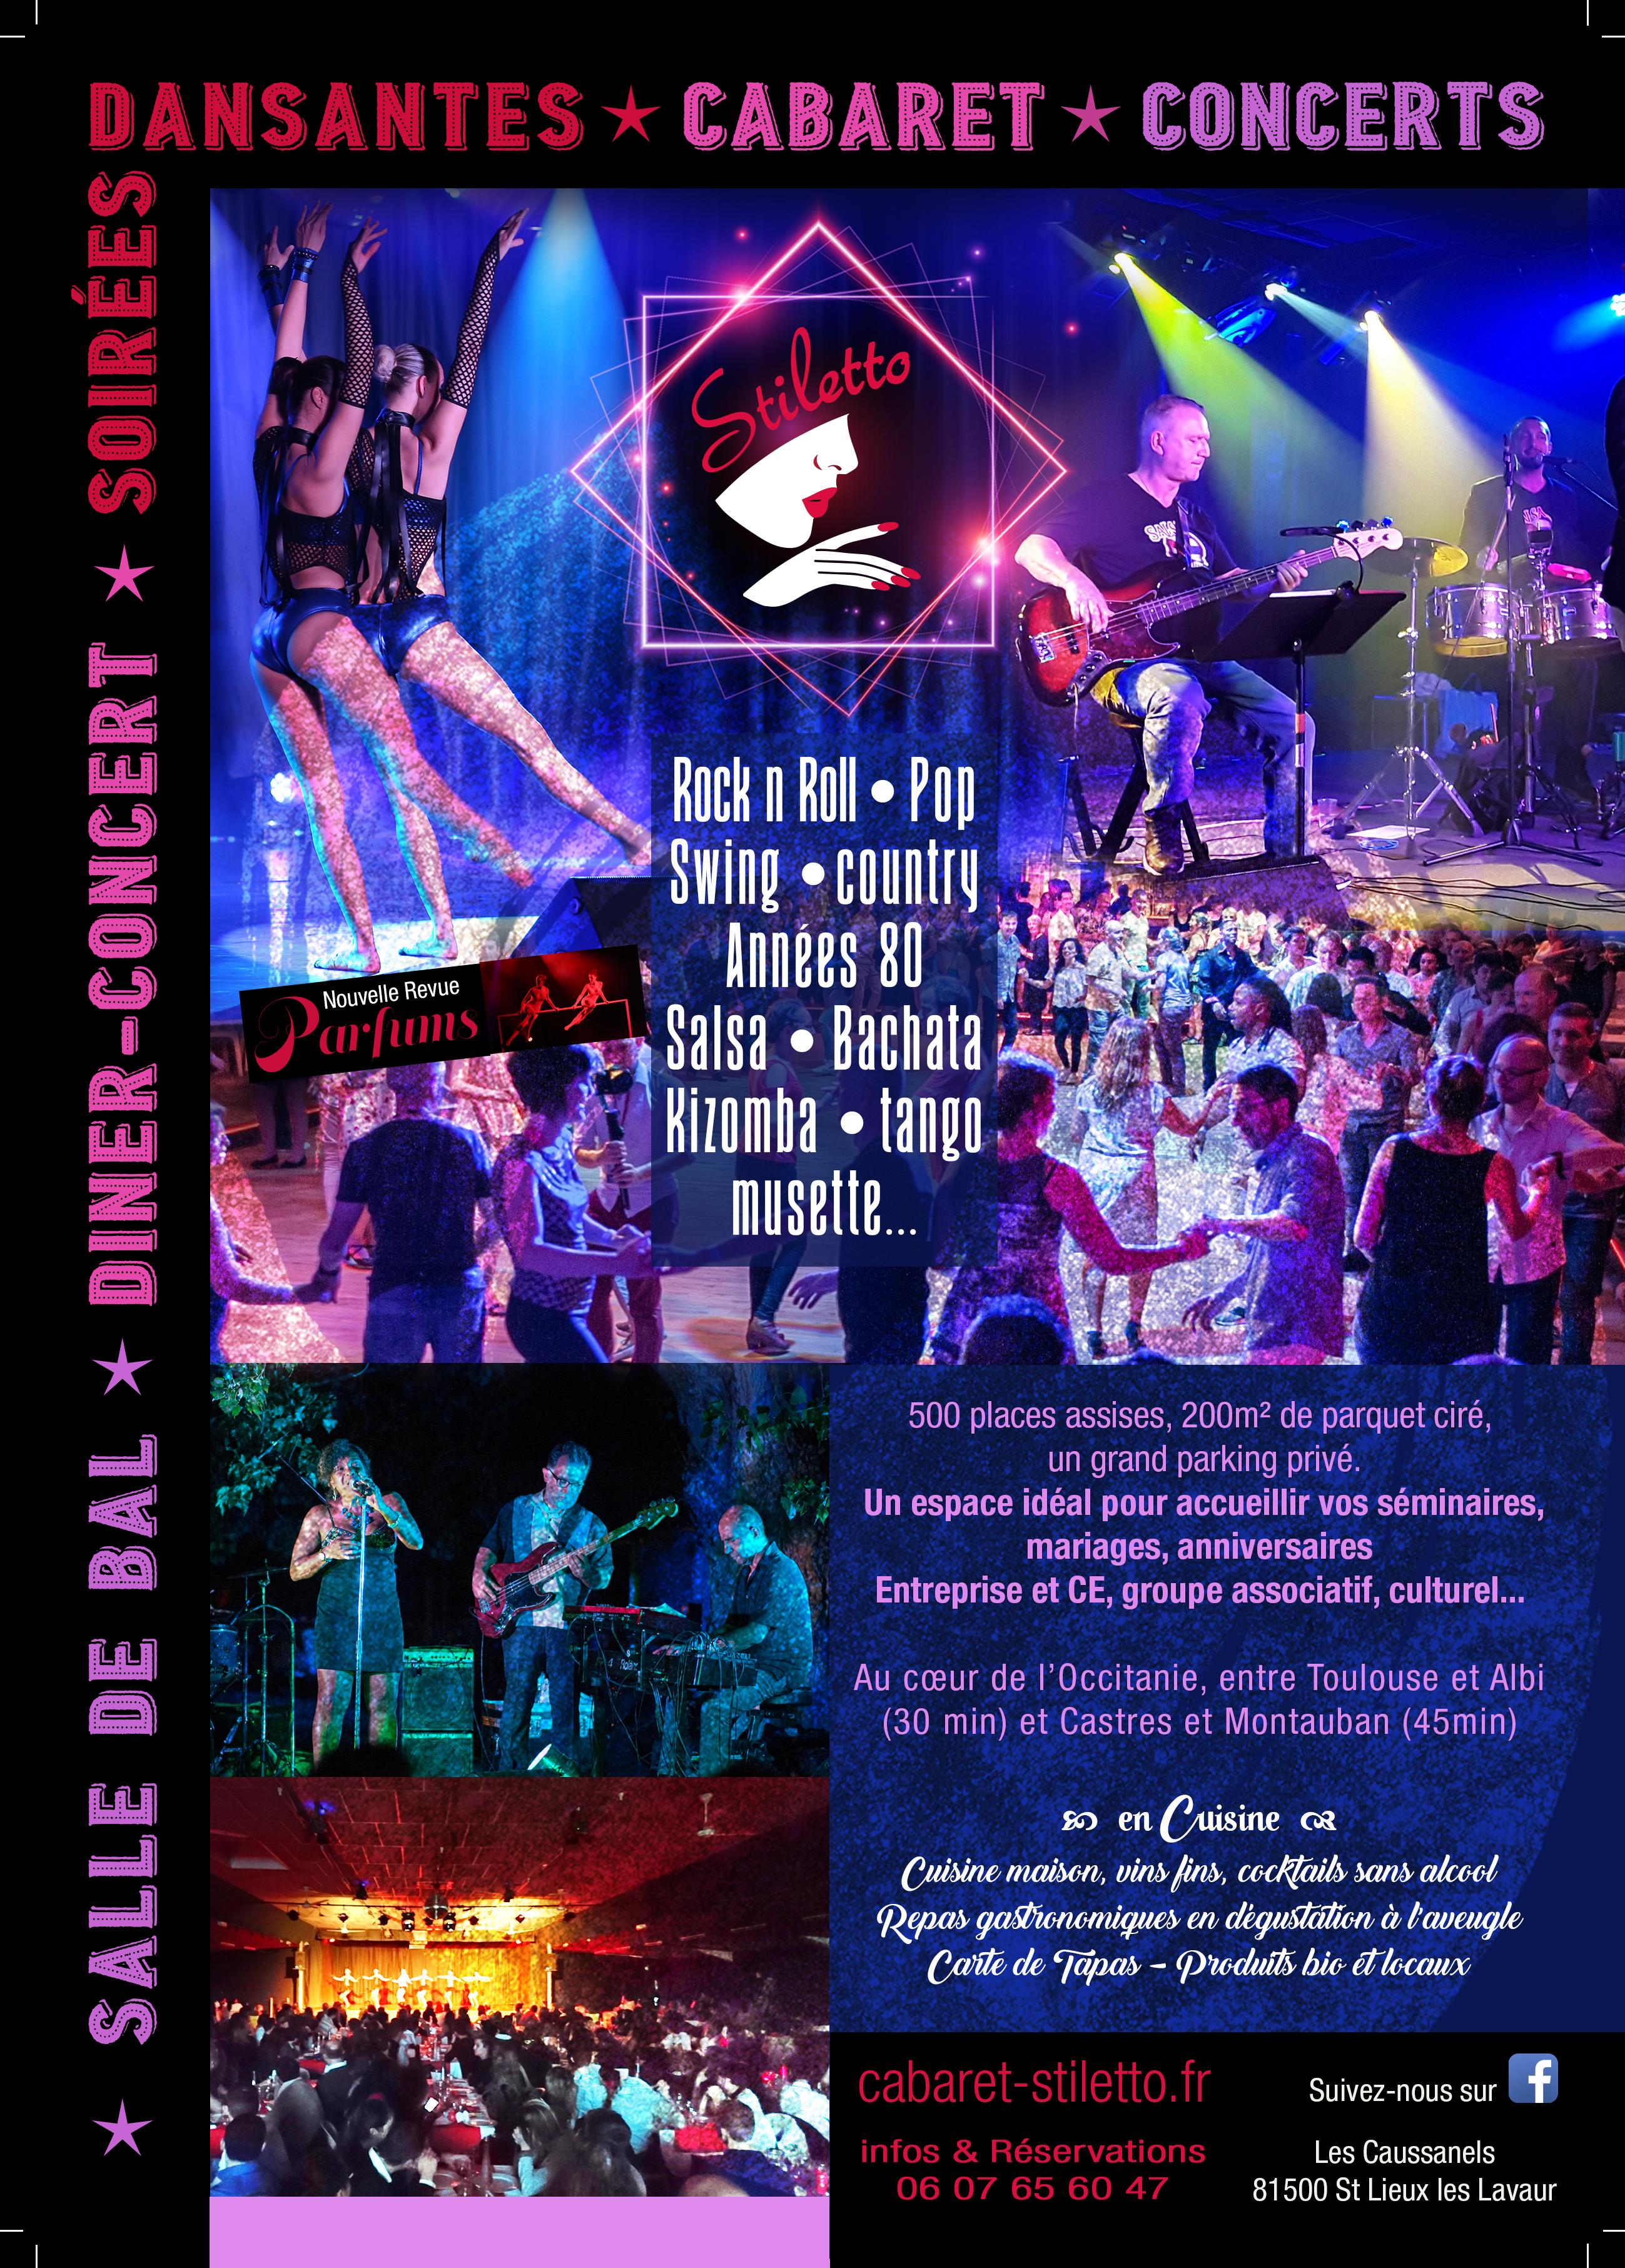 Cabaret, Concerts, Soirées Dansantes, Dîner-Concerts, Salle de Bal